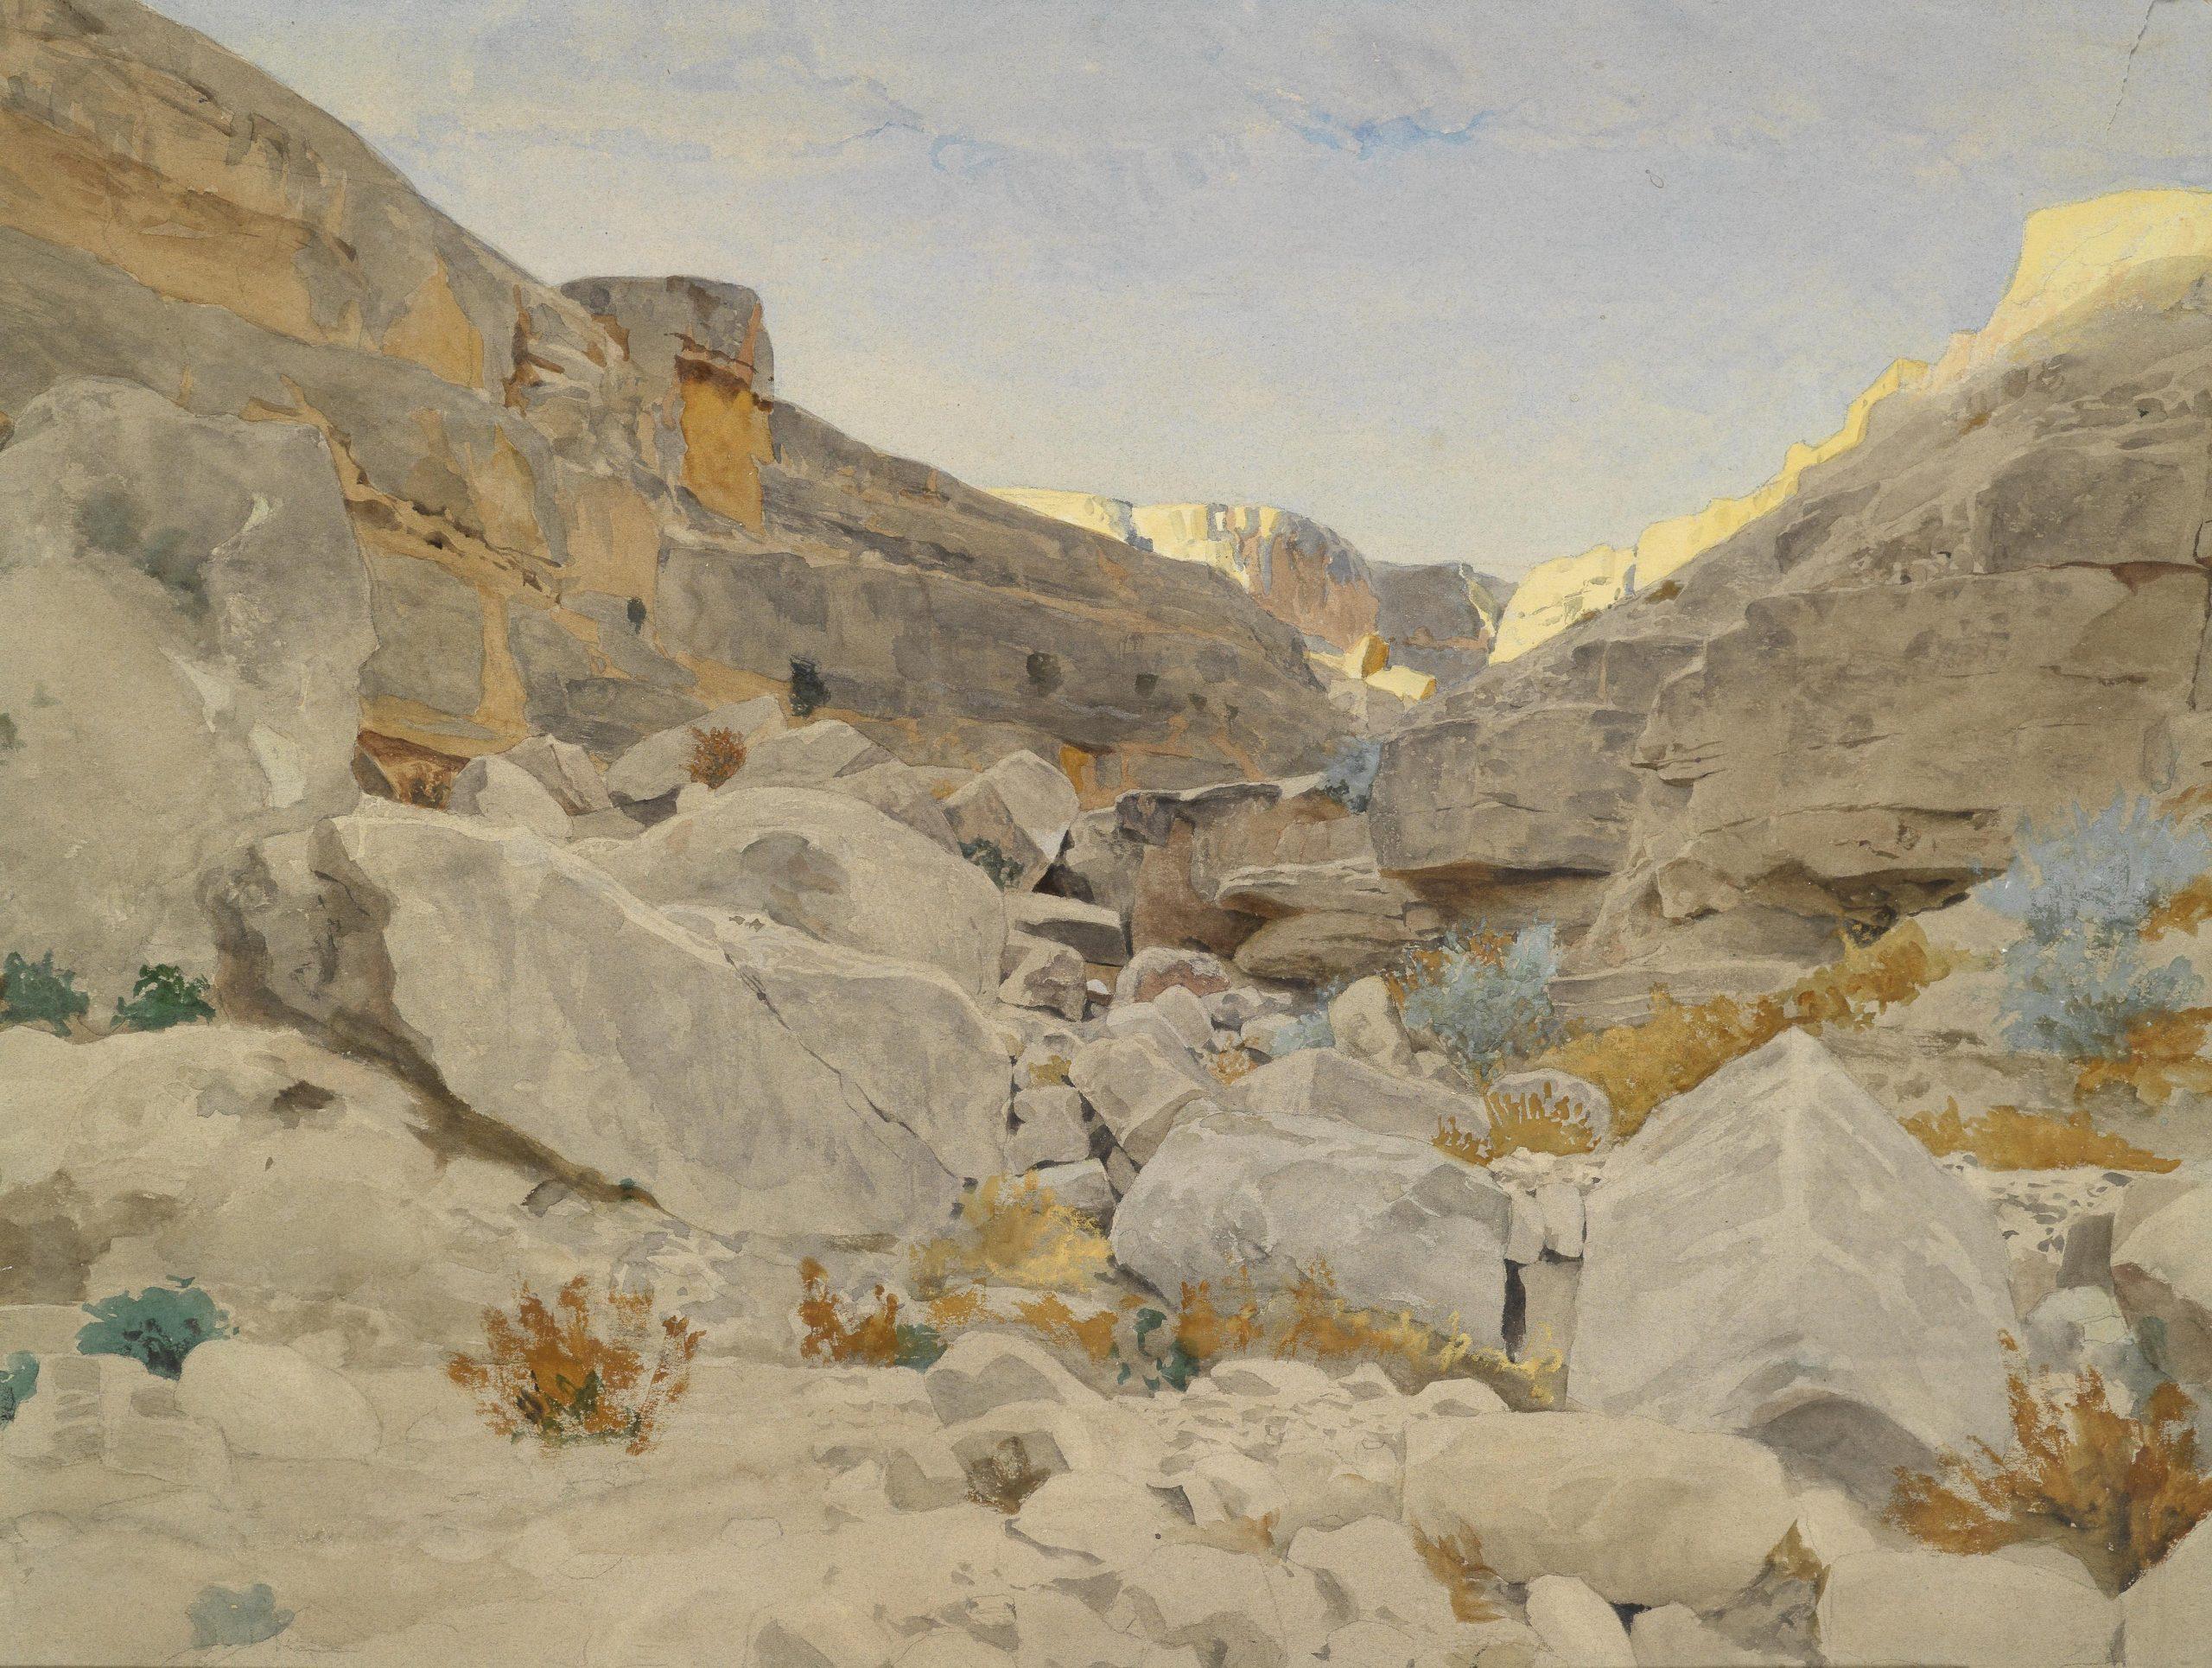 Adolf Meckel von Hemsbach Landschaft in Sinaï 1893